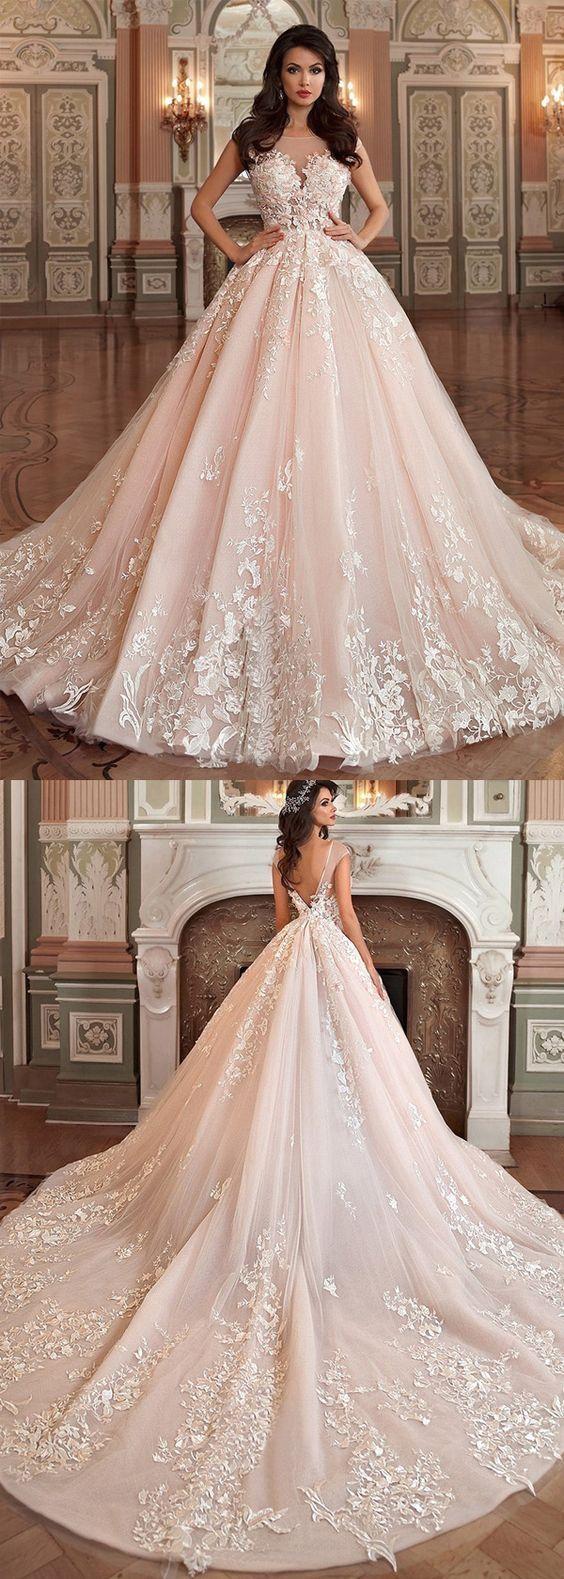 Stunning tulle u organza bateau neckline ball gown wedding dress